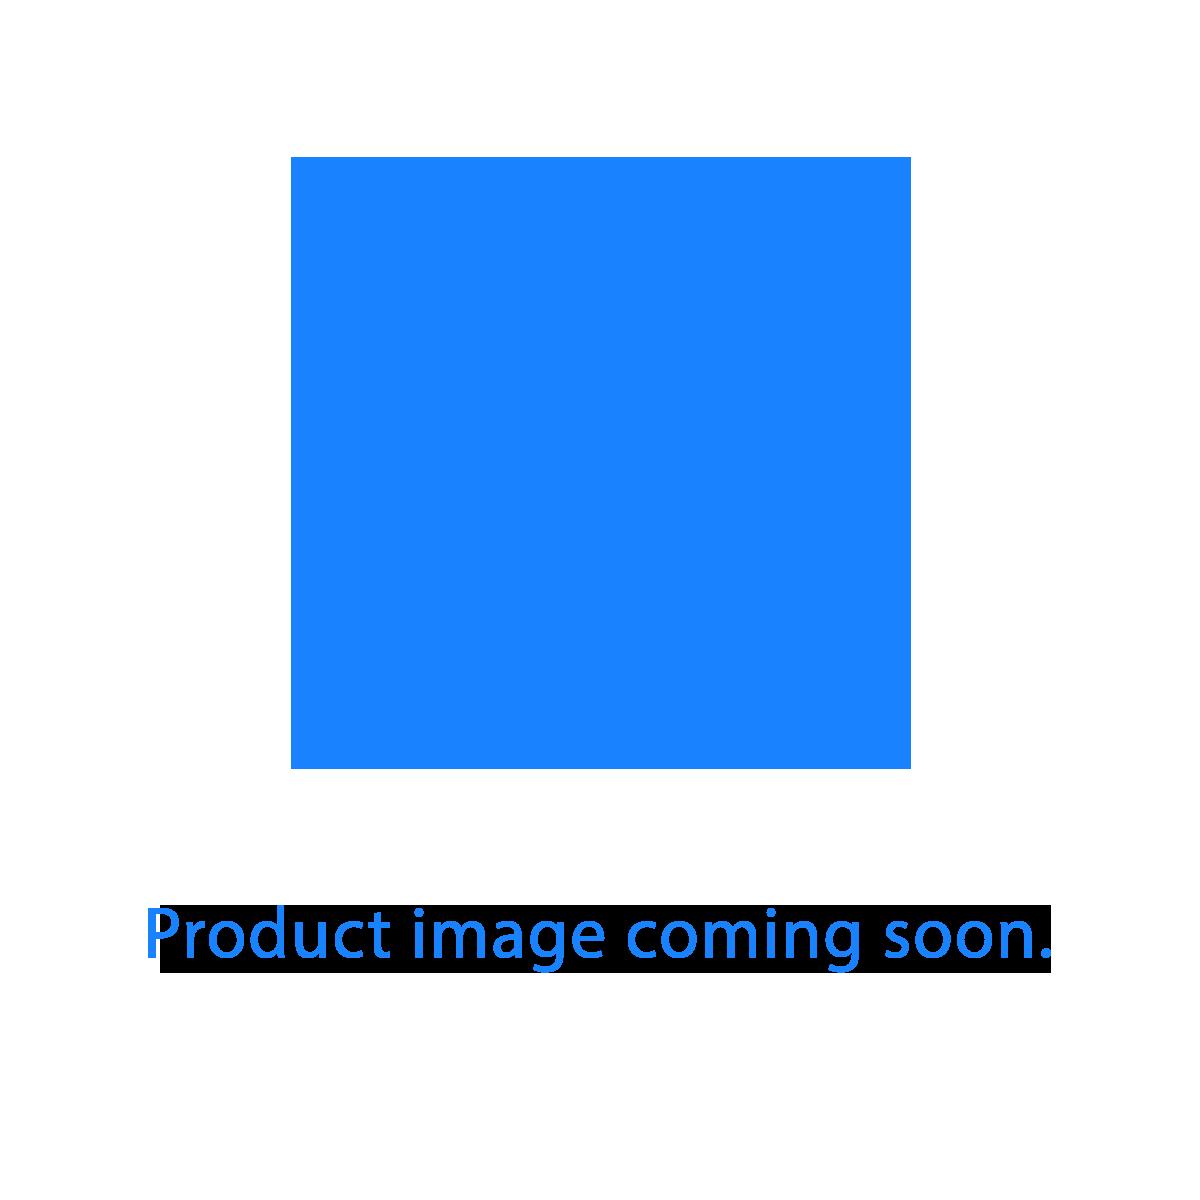 ASUS VivoBook S15 S533FL-BQ174T (Gaia Green)